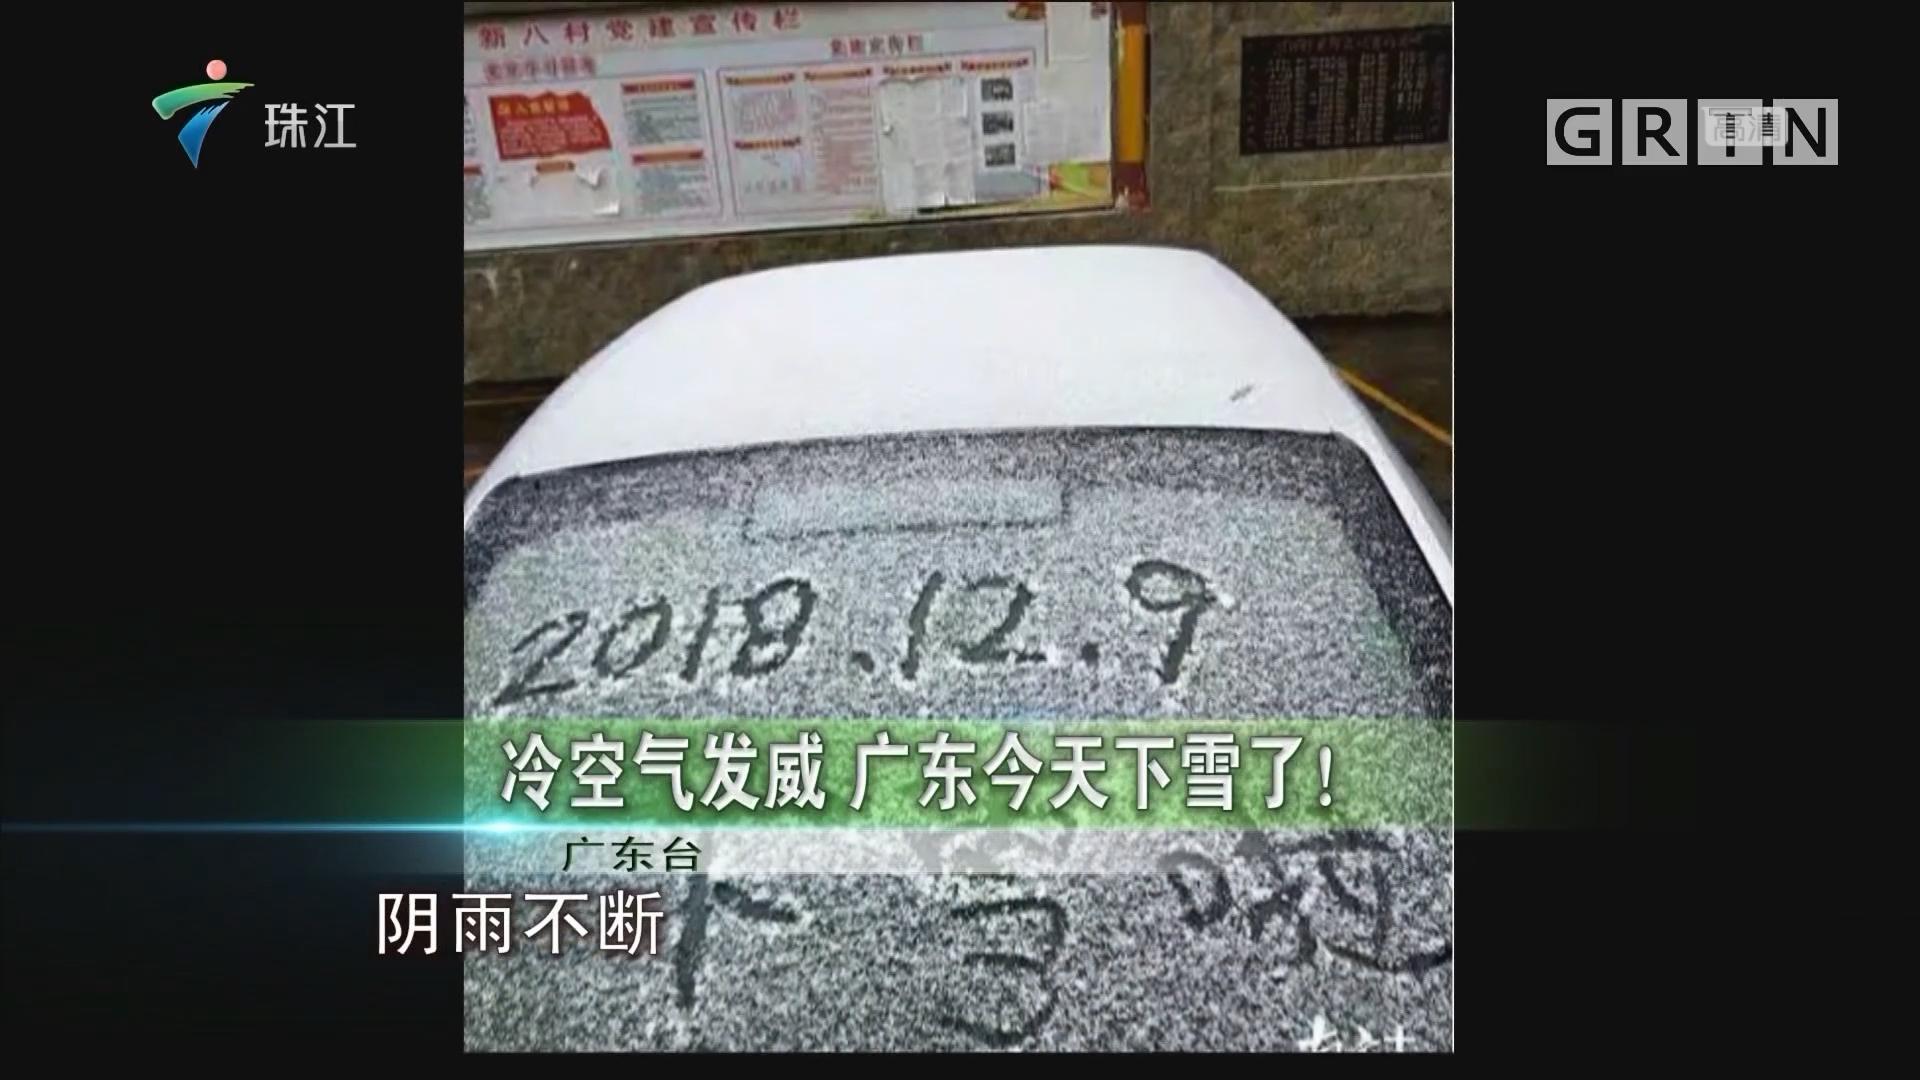 冷空气发威 广东今天下雪了!